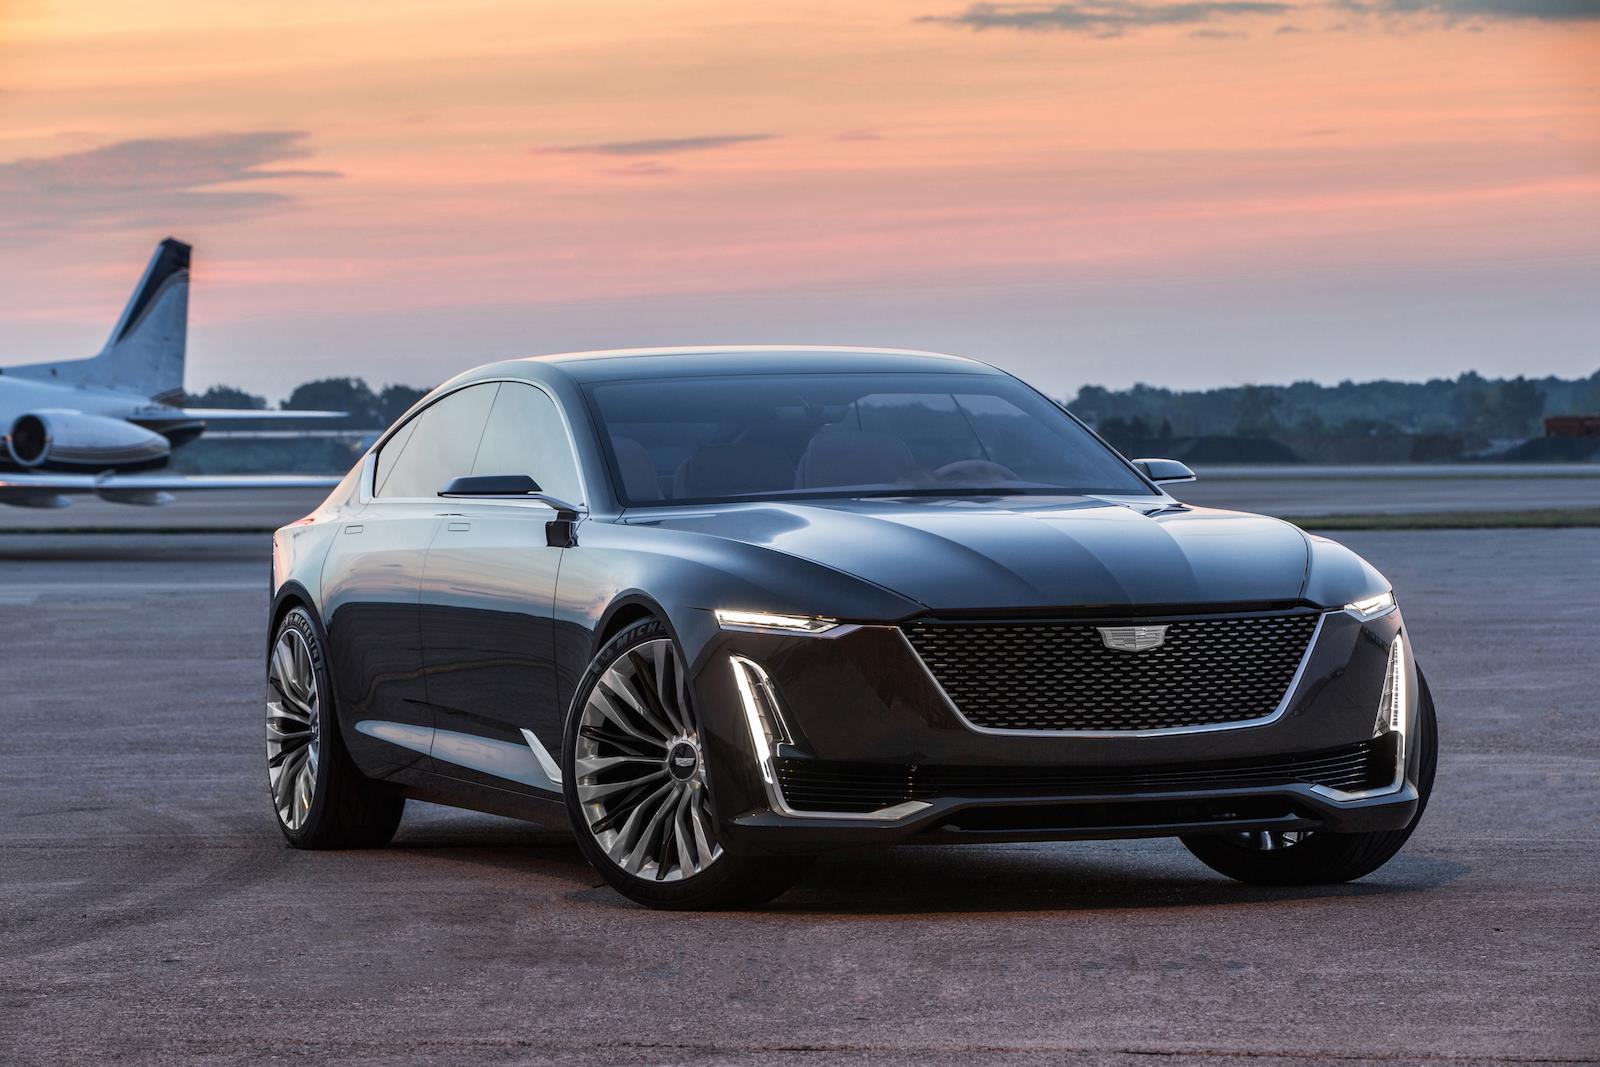 Cadillac Escala concept photo gallery